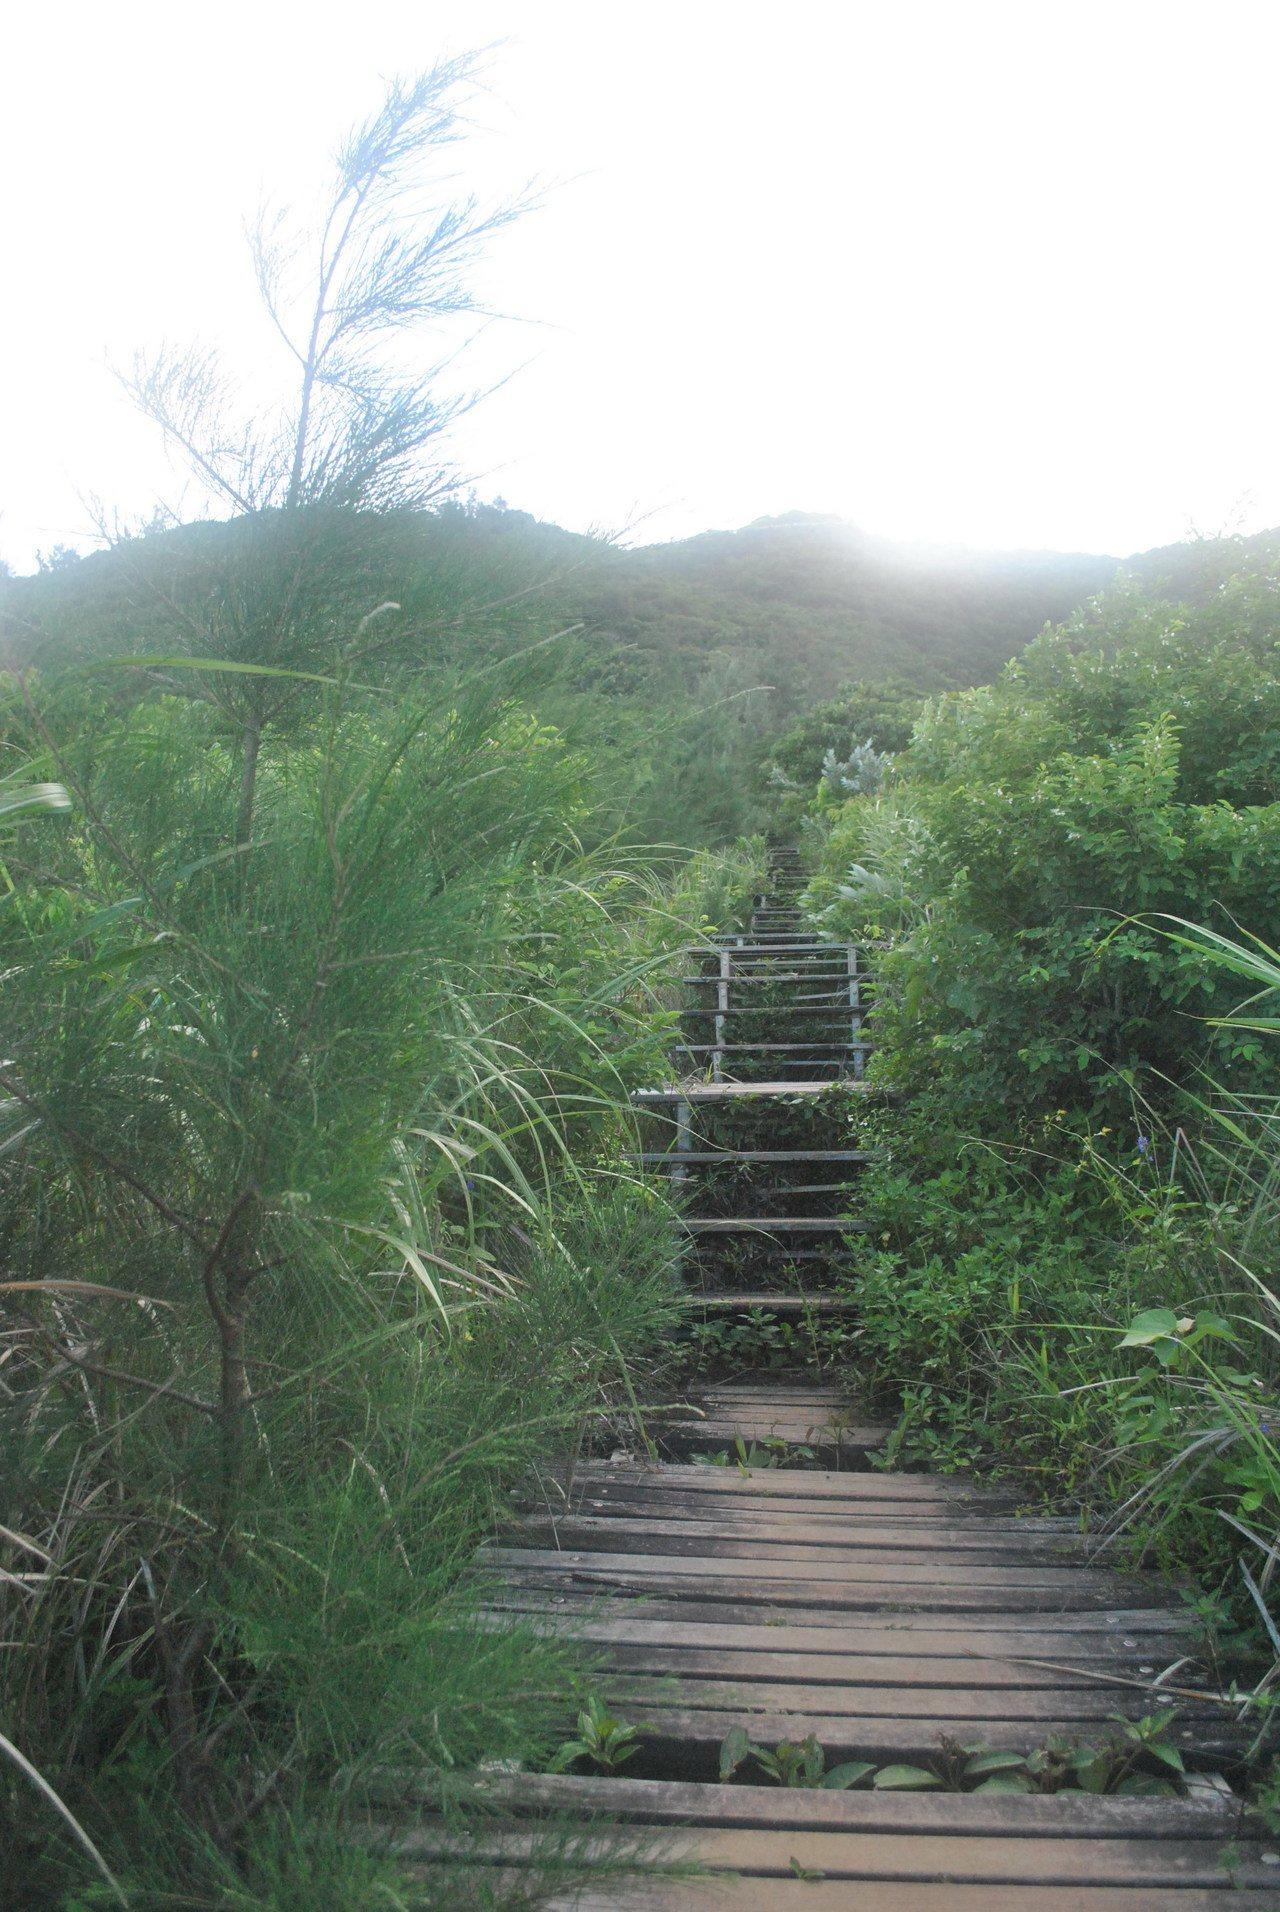 這是探涉大天池的登山步道,當地人看法兩極,認為不該興建步道。 圖/涂盛發提供